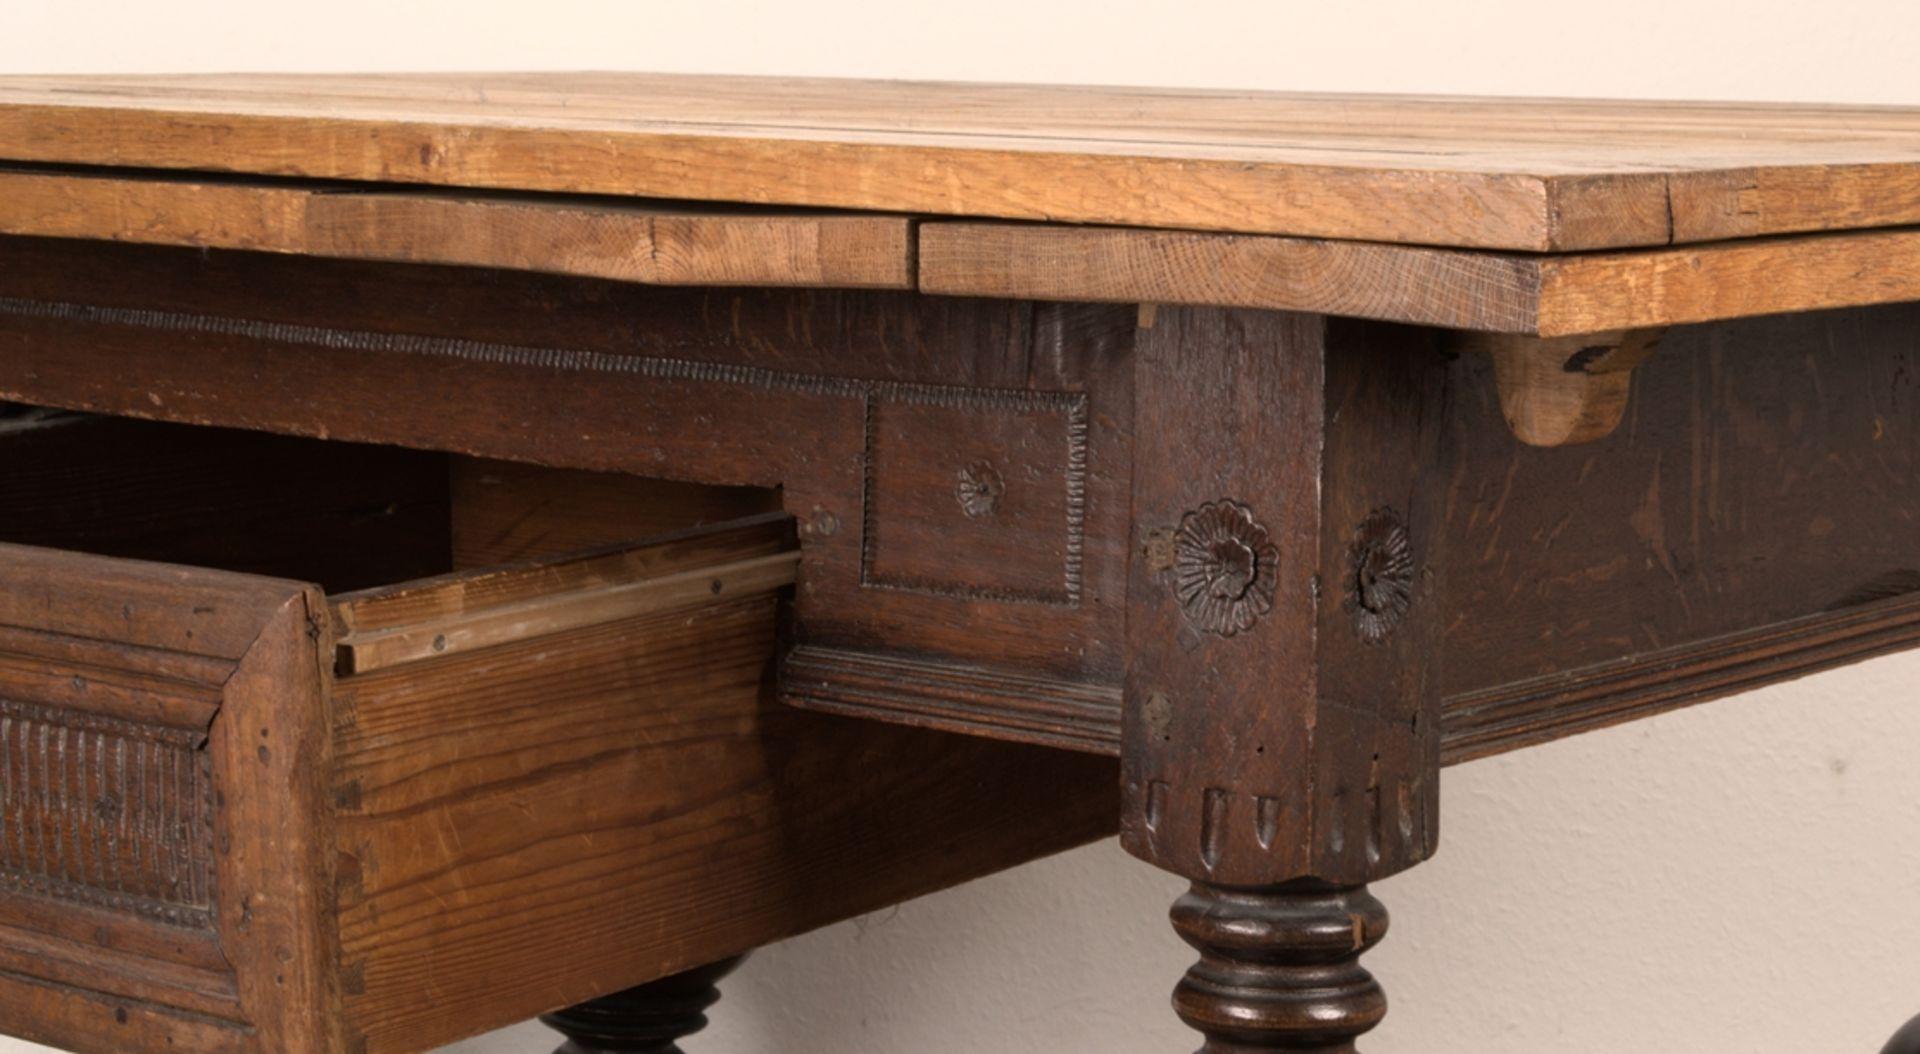 Großer Auszugstisch, Franken um 1730/50. Querverstrebter Tischunterbau mit kräftigen Balusterbeinen, - Bild 21 aus 36